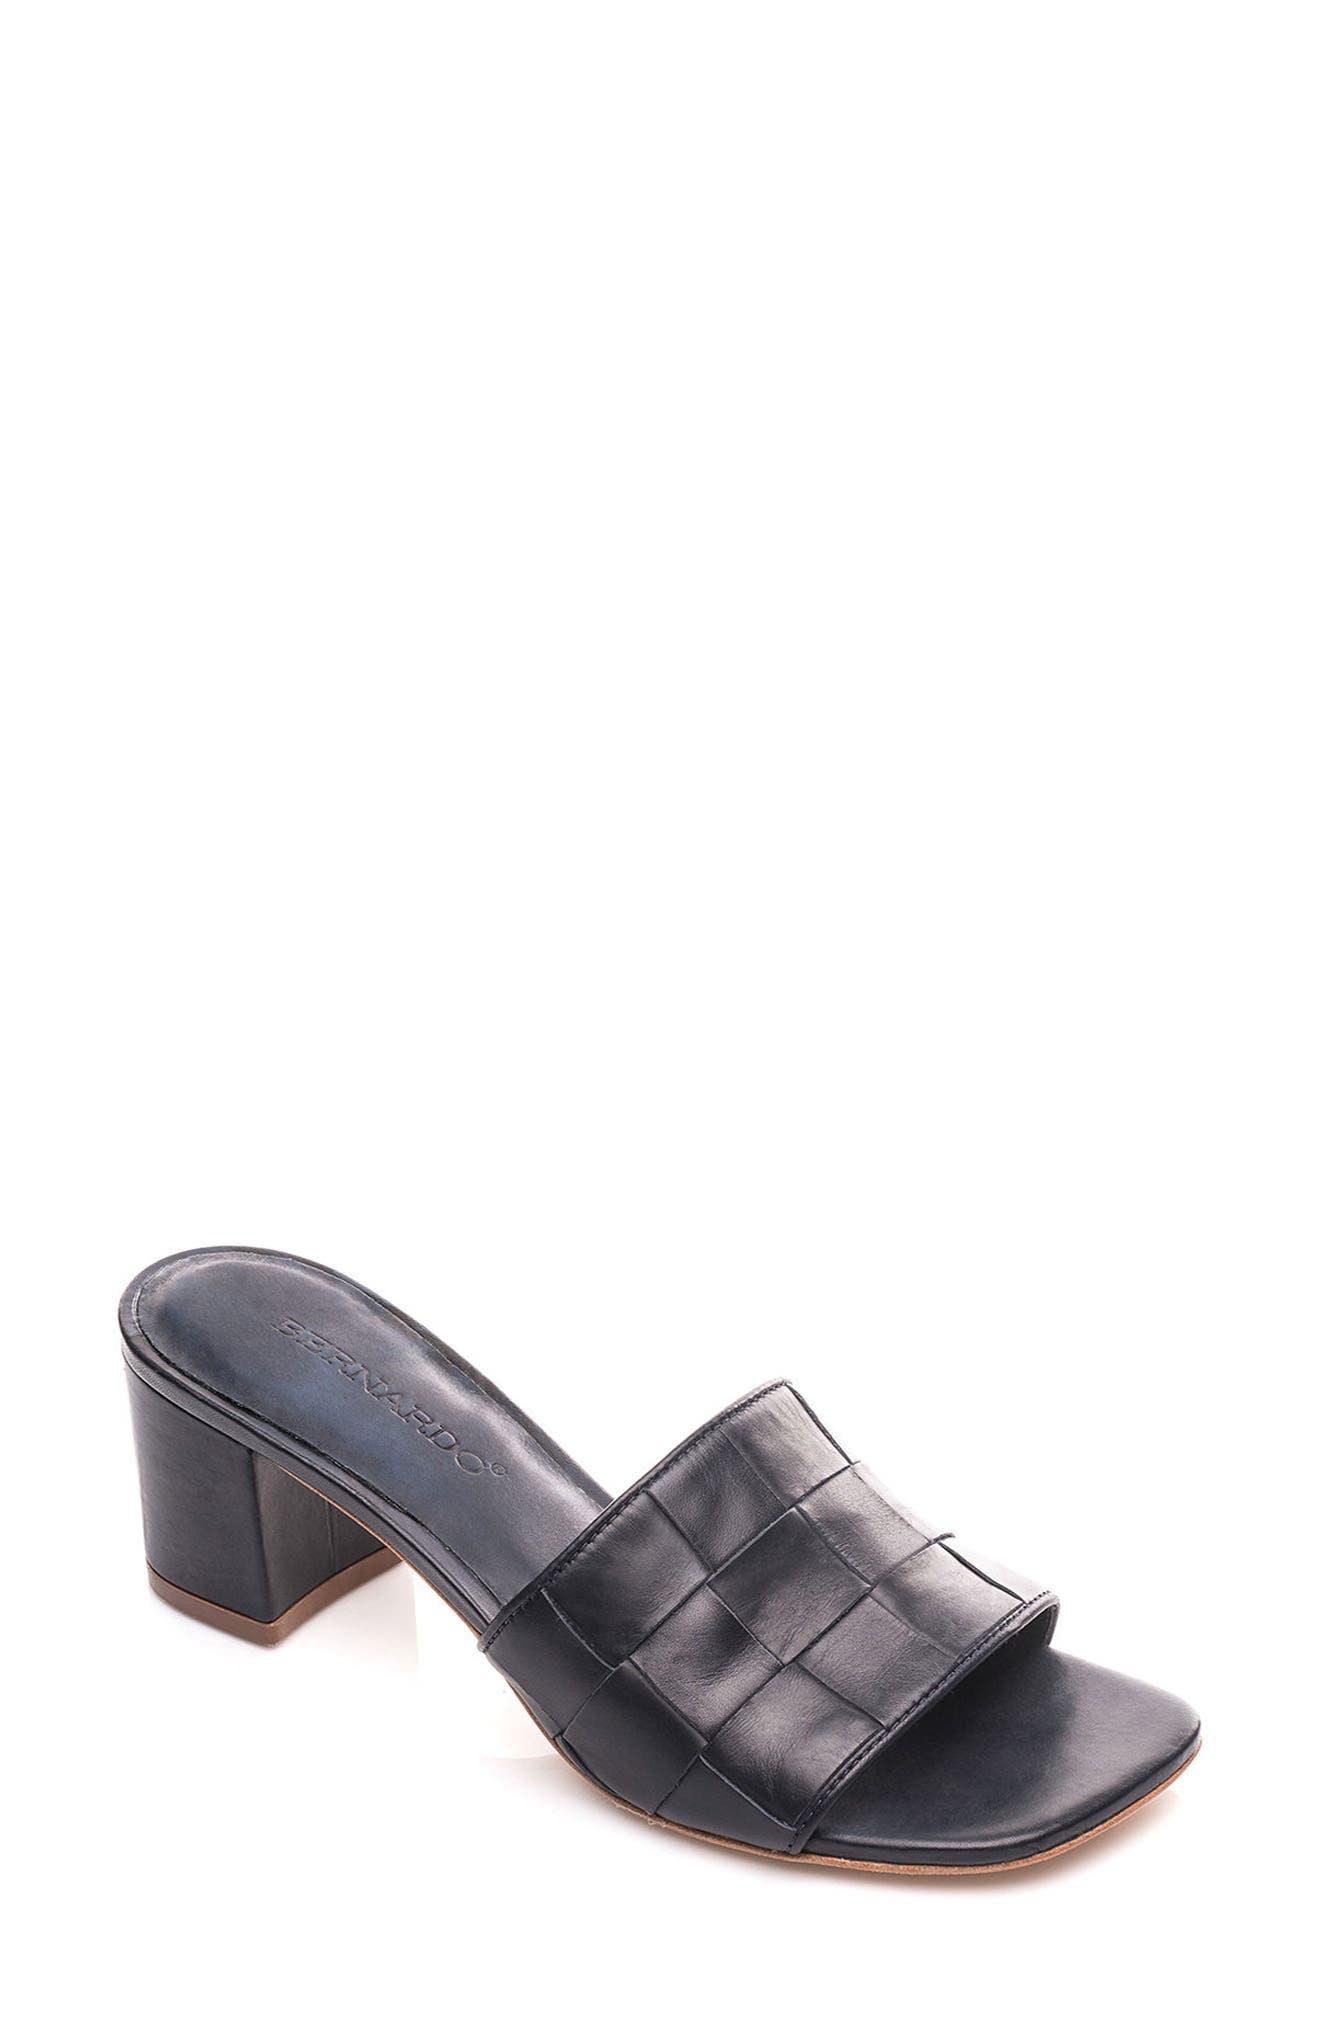 Bernardo Bridget Block Heel Sandal,                             Main thumbnail 4, color,